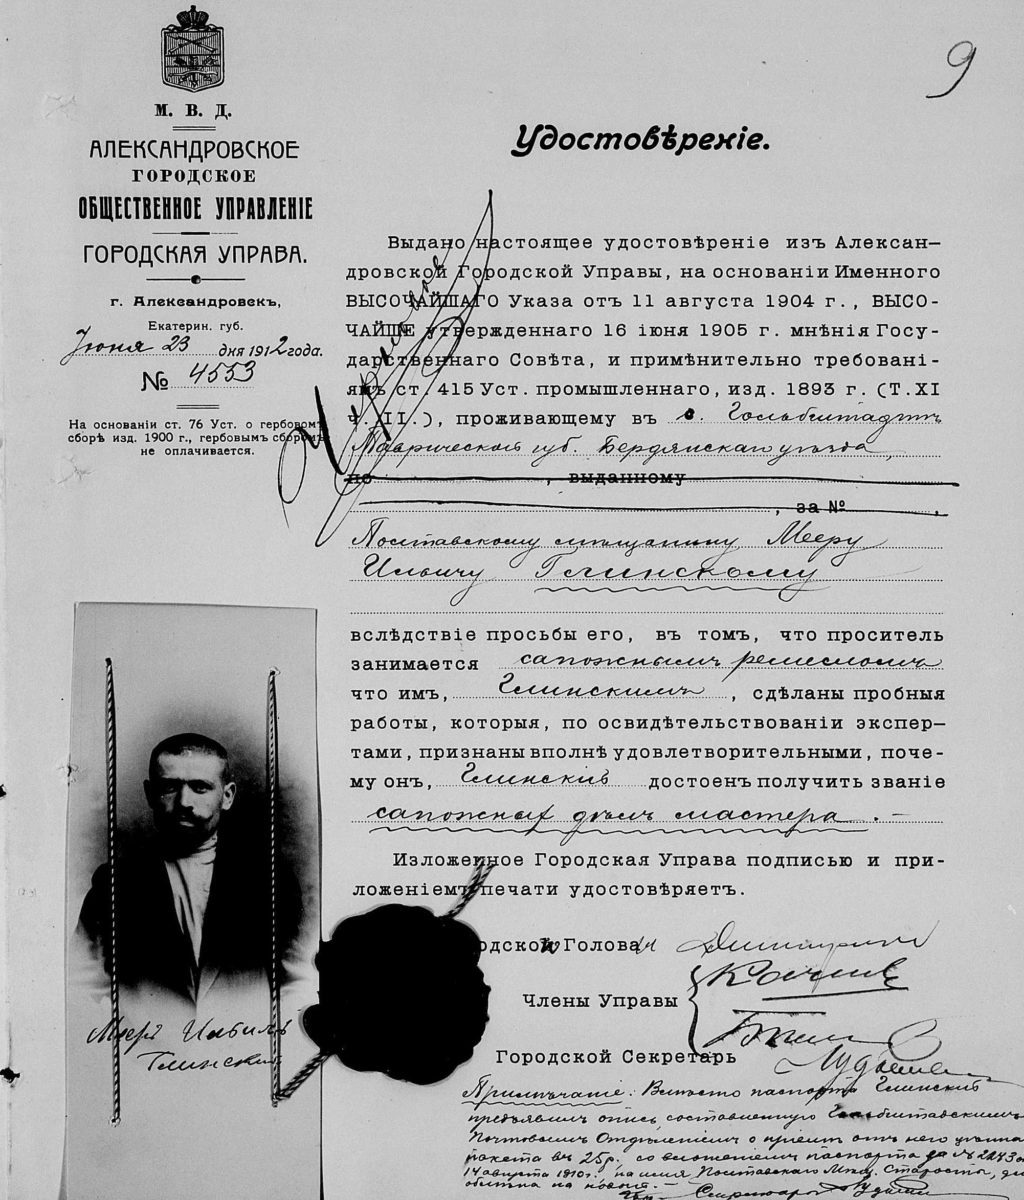 """Удостоверение Полтавскому мещанину Мееру Ильичу Глинскому, о том, что он достоин получить звание сапожных дел мастера.На ремесленном свидетельстве стоит отметка """"Черновое"""". В примечании сказано: """"Вместо паспорта Глинский предъявил опись, составленную Гальштальским почтовым отделением, в приеме у него пакета в 25 р. В него вложен паспорт за №2243 от 14 августа 1910 года. Пакет отправлен на имя Полтавского Старосты для обмена на новый"""". Удостоверение ремесленника мещанина"""